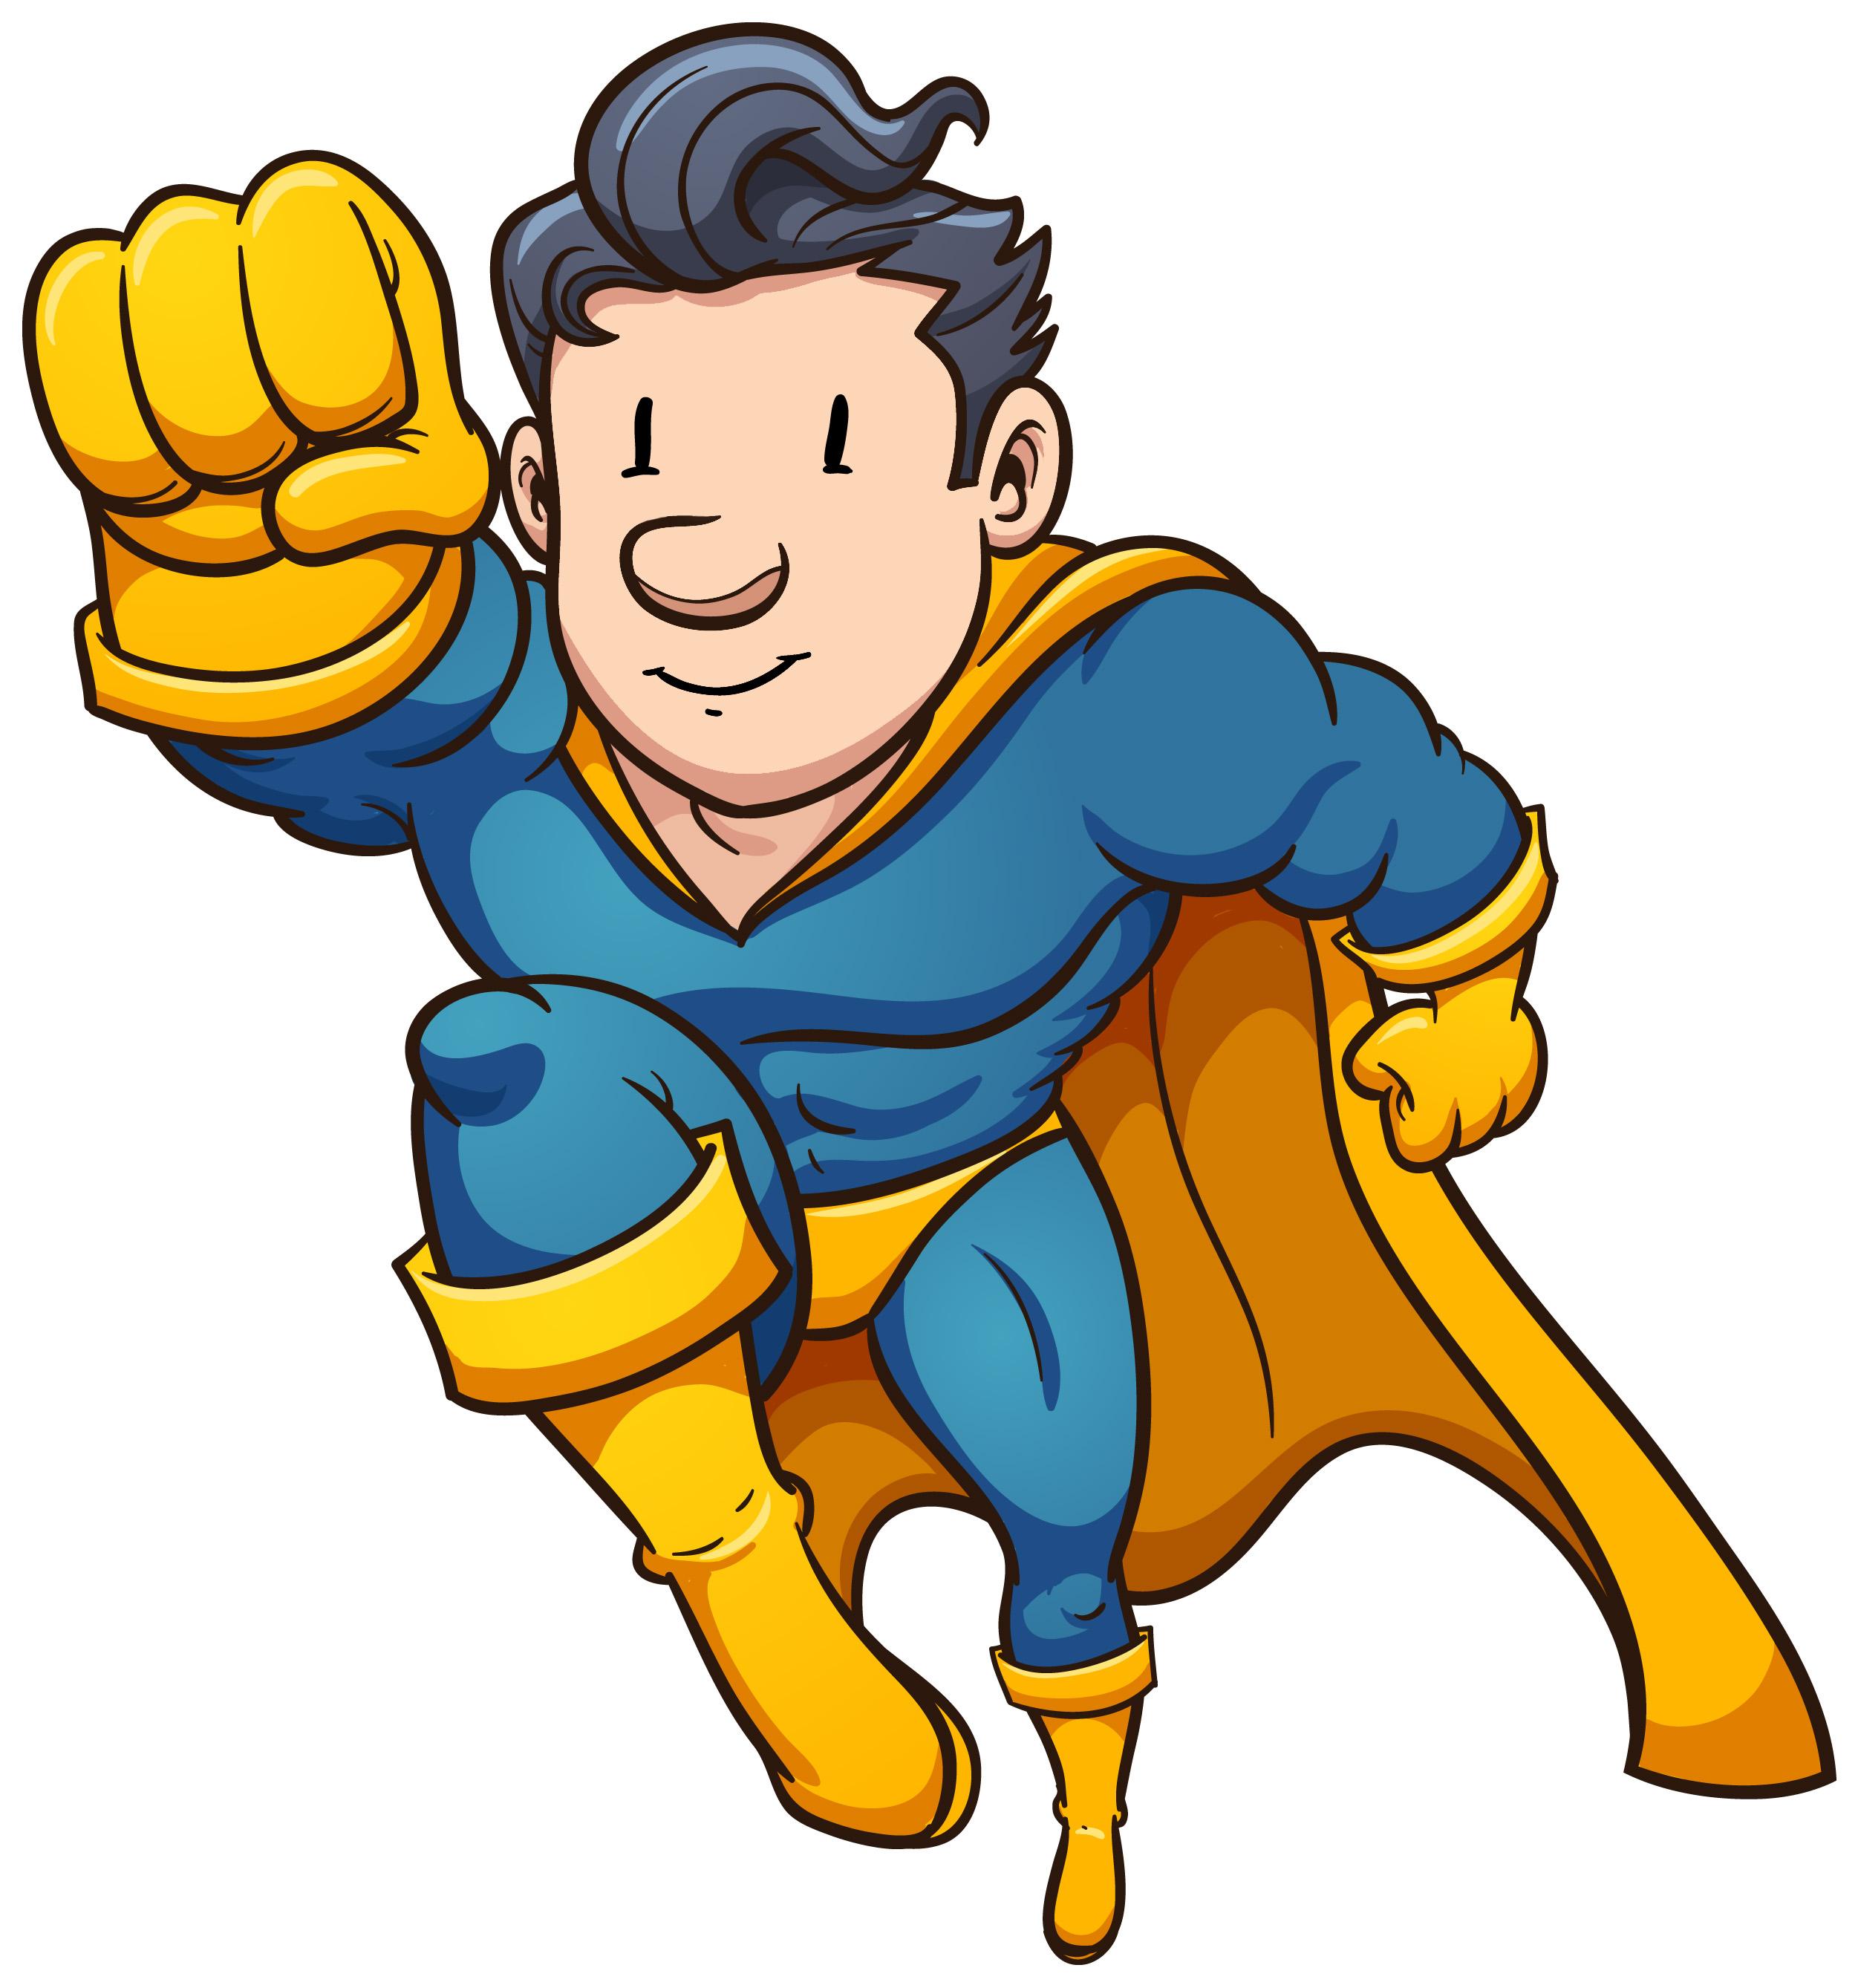 Free Super Hero Pics, Download Free Clip Art, Free Clip Art.